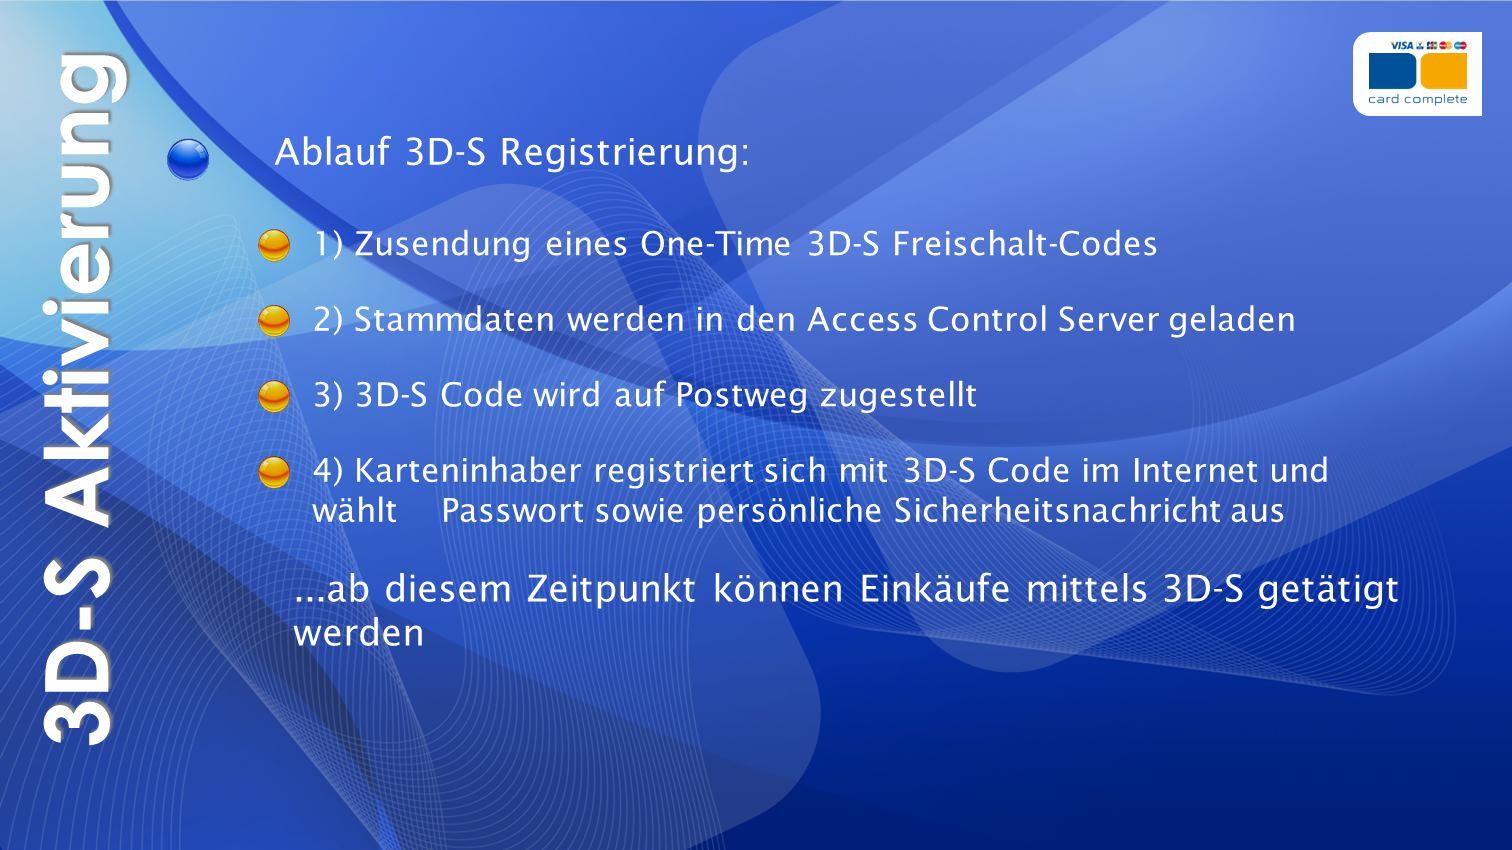 3D-S Aktivierung Ablauf 3D-S Registrierung: